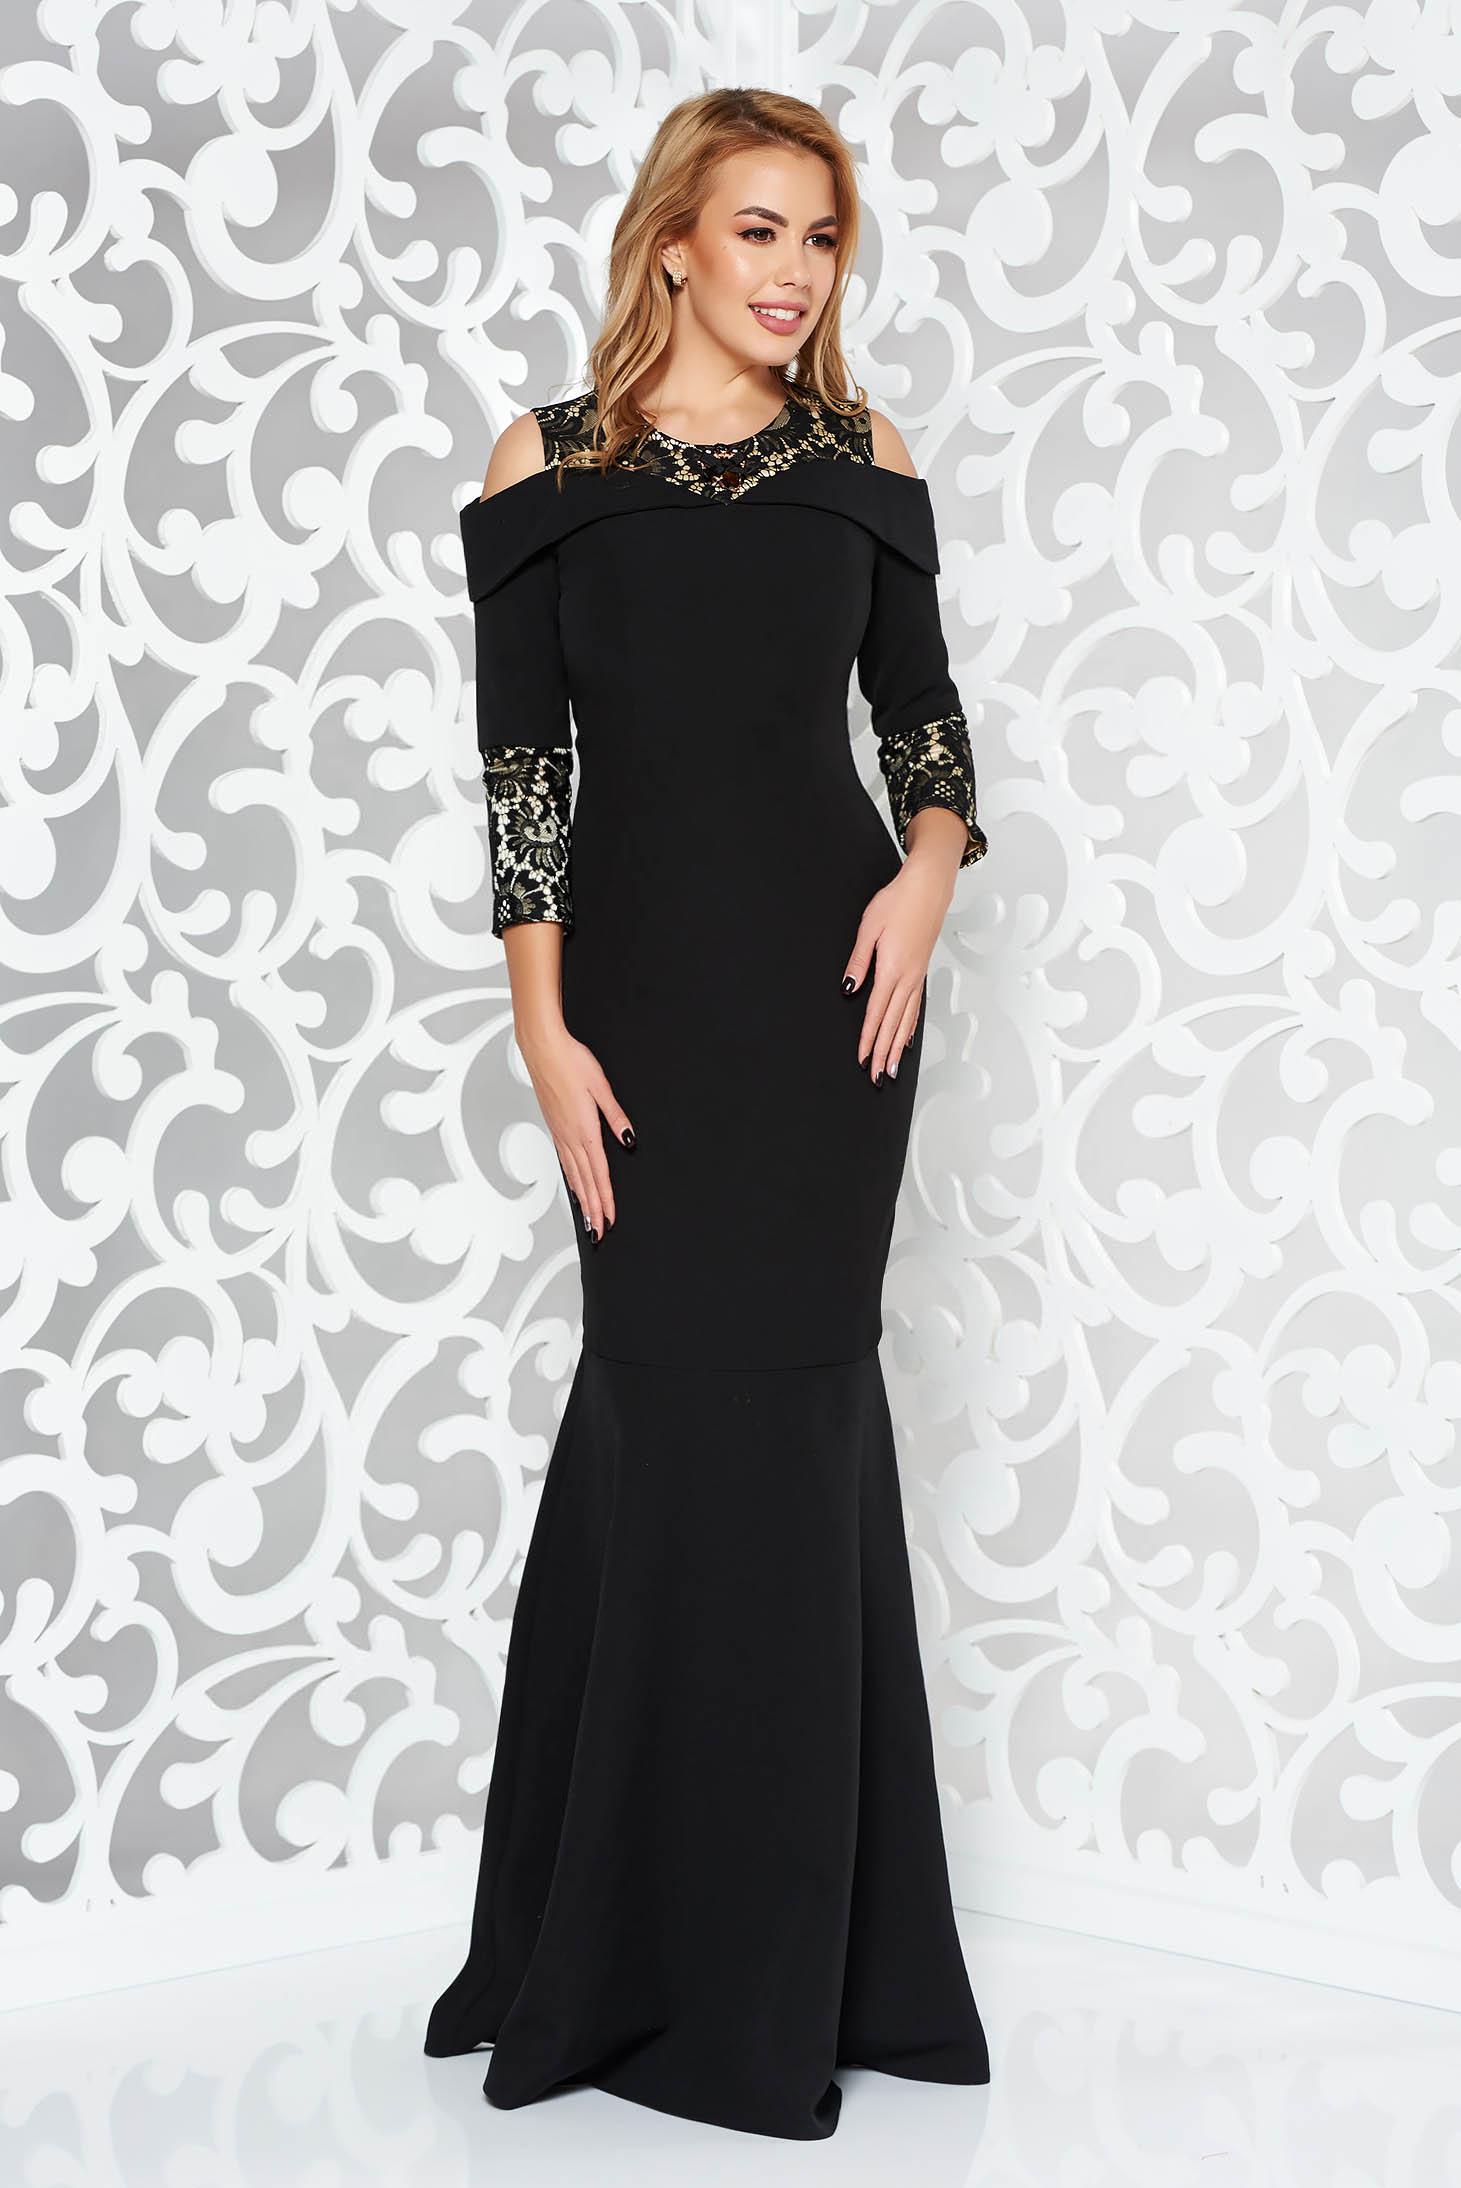 429d560b1a Fekete alkalmi szirén tipusú ruha enyhén elasztikus szövet csipke  díszítéssel